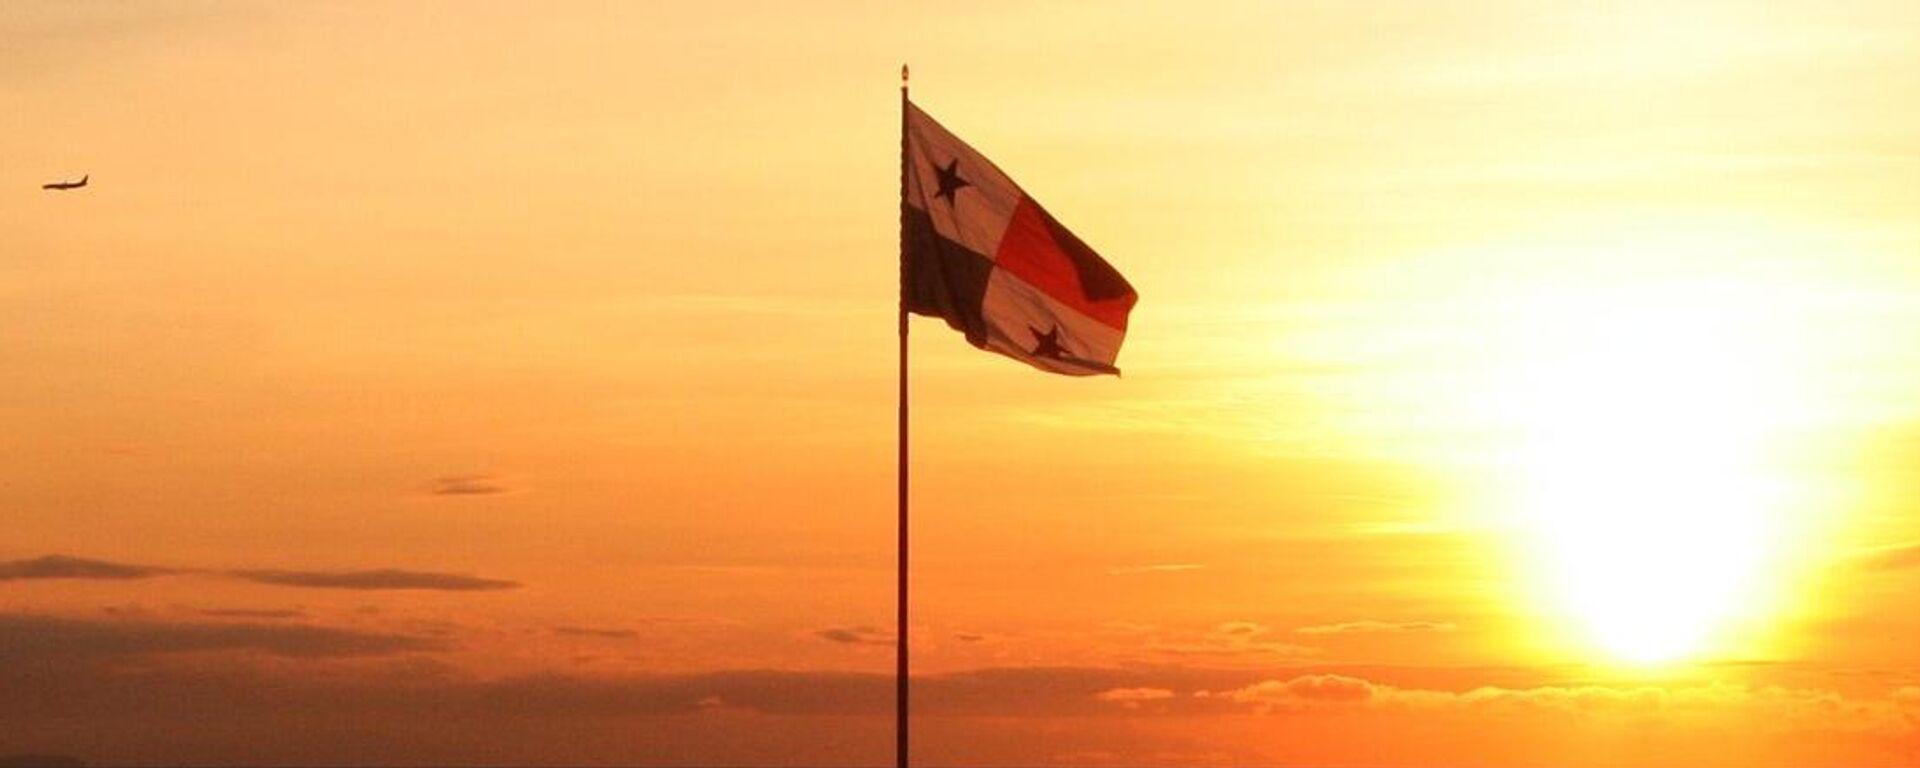 La bandera de Panamá - Sputnik Mundo, 1920, 04.06.2021